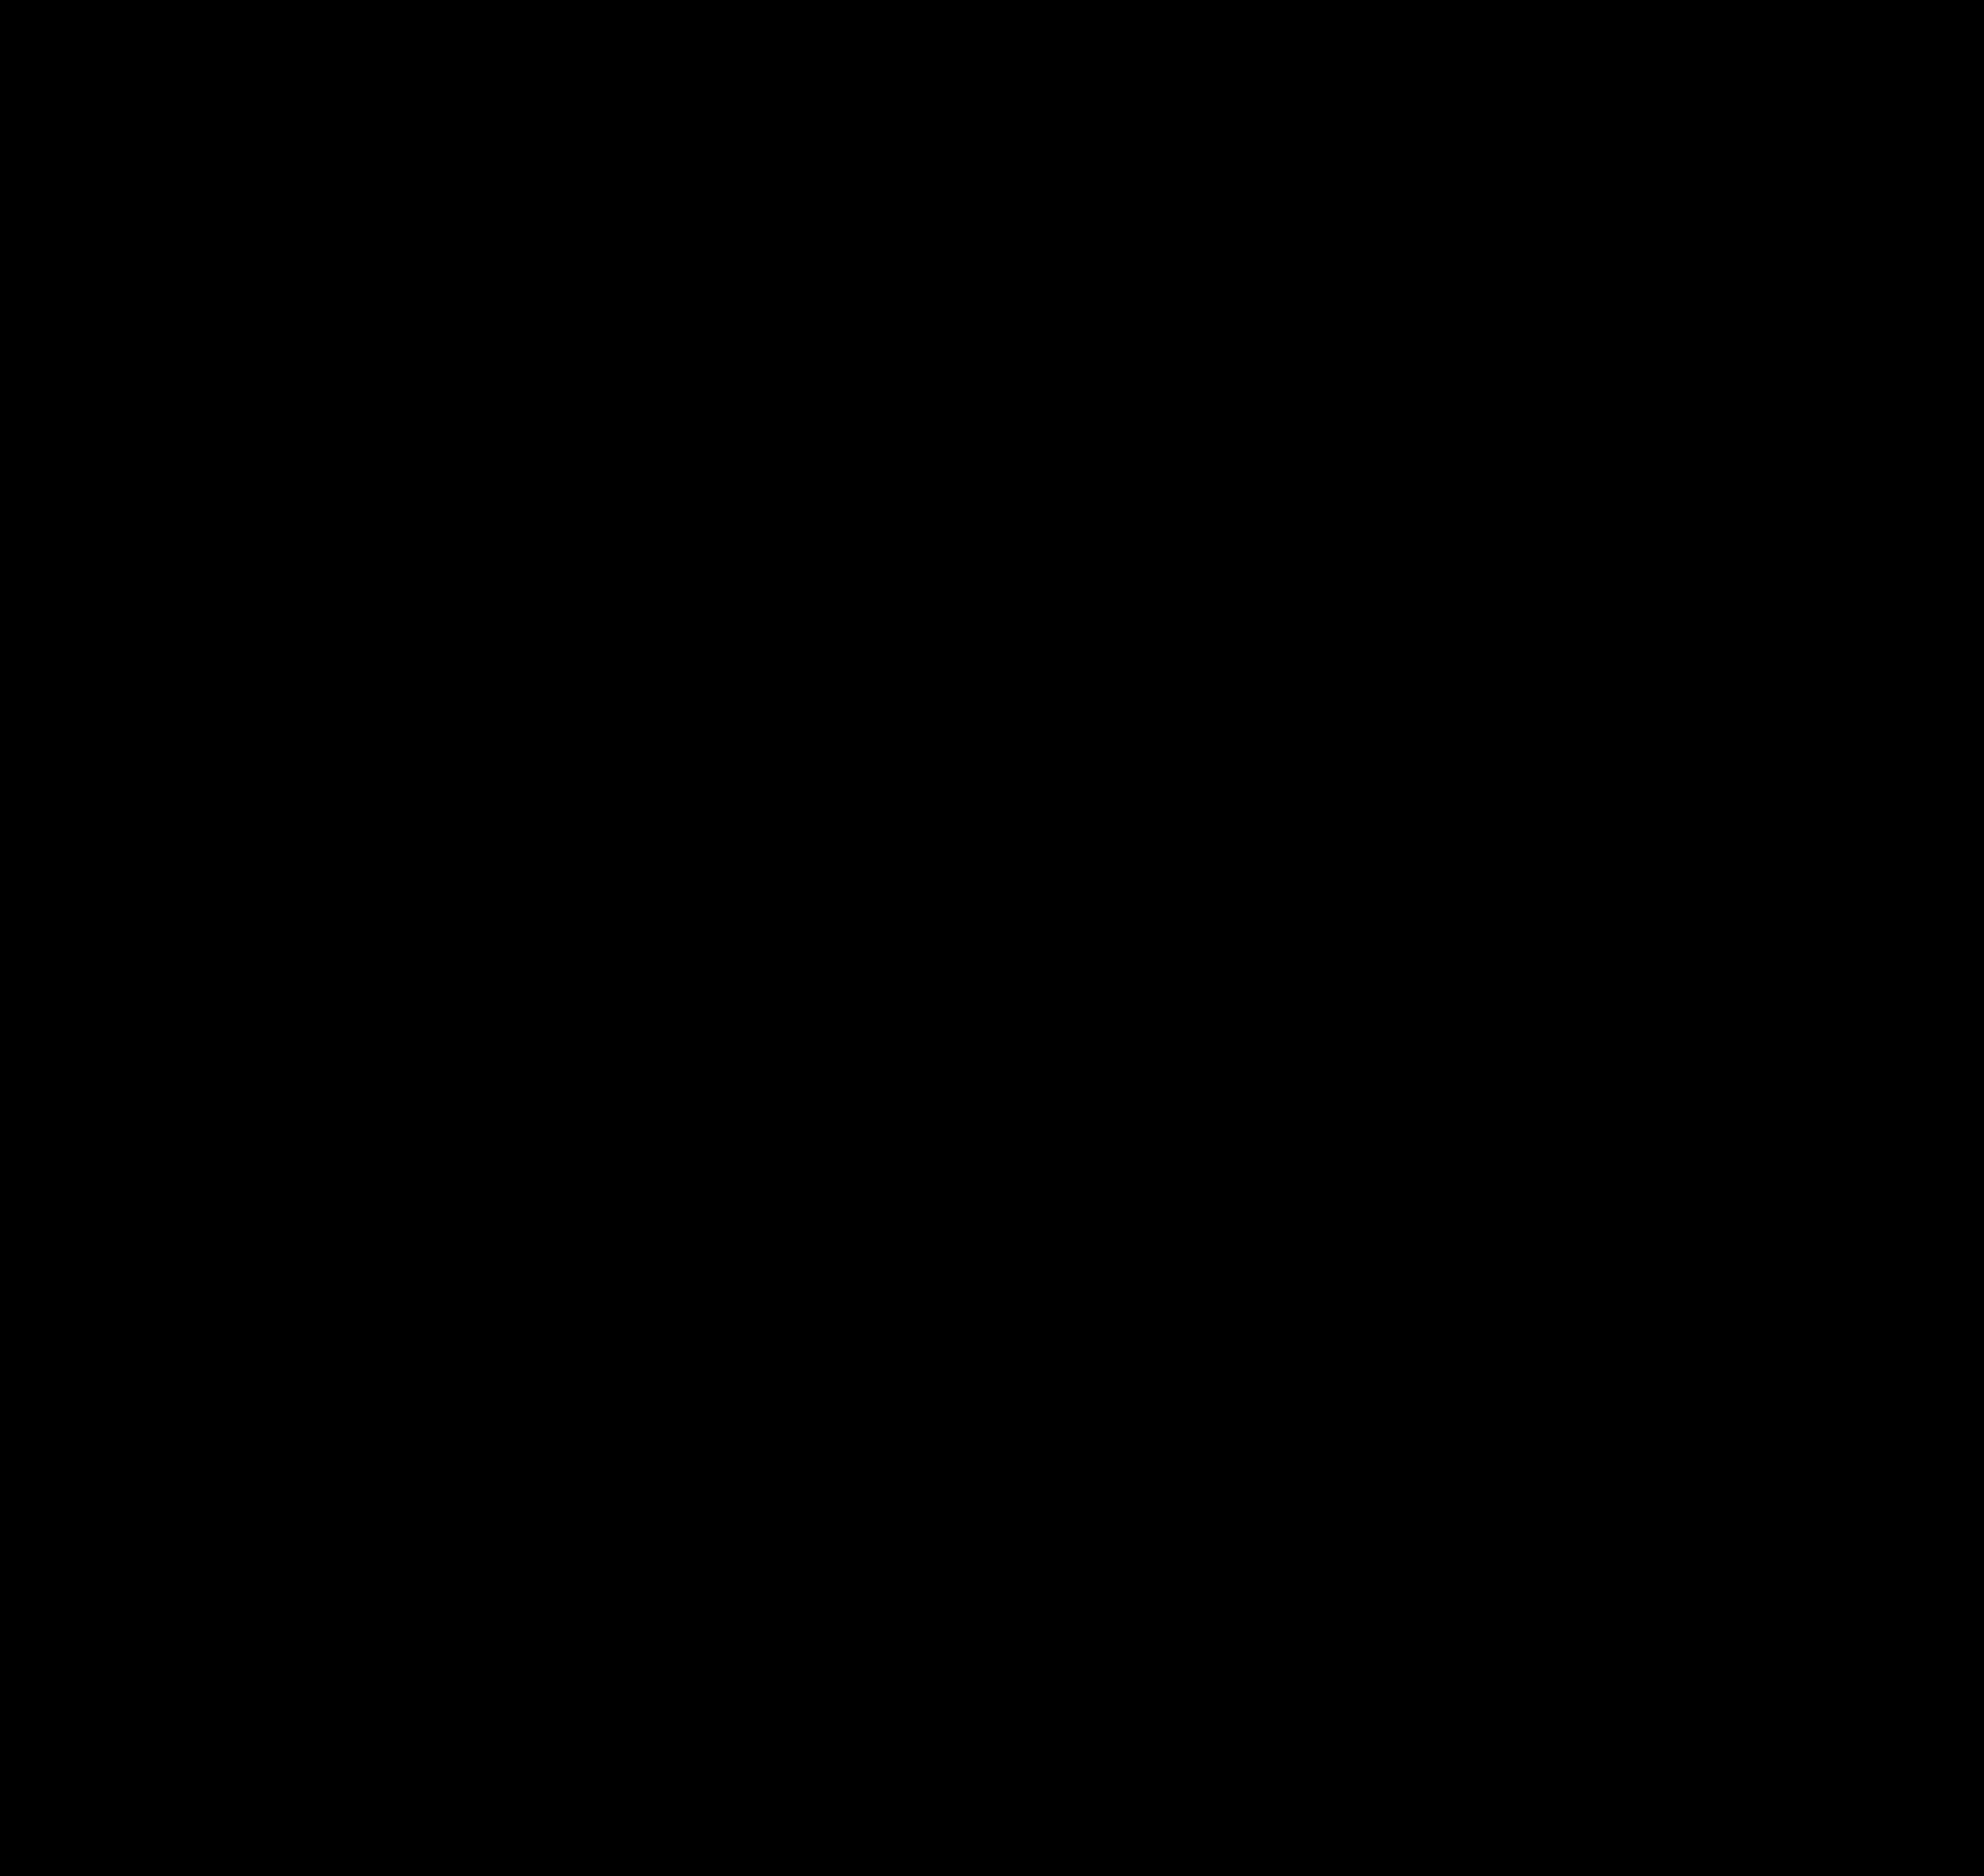 ساختار شیمیایی آسیکلوویر Aciclovir